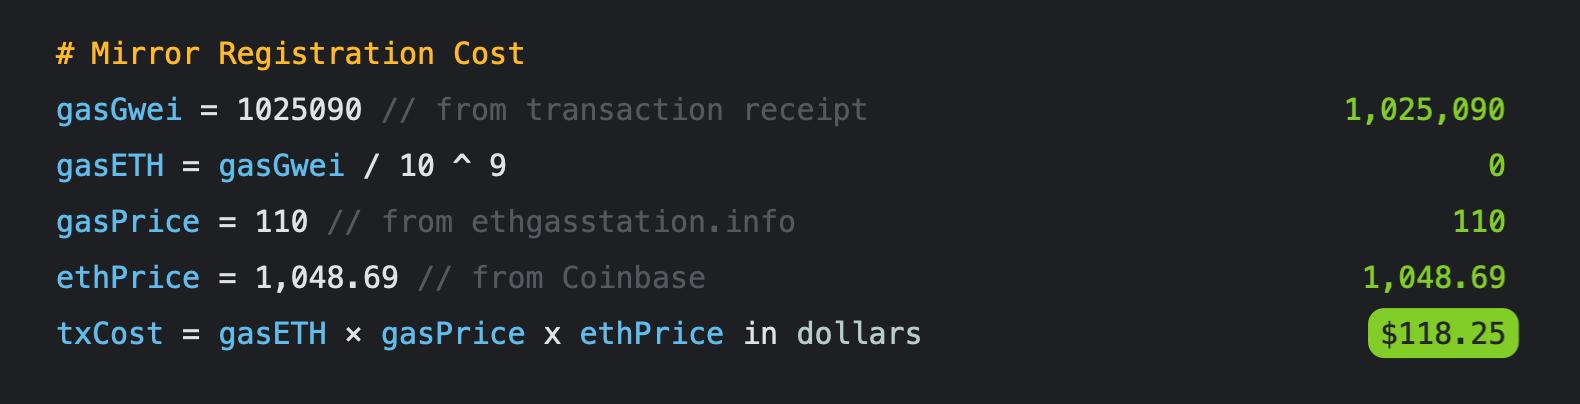 Current estimate around $120